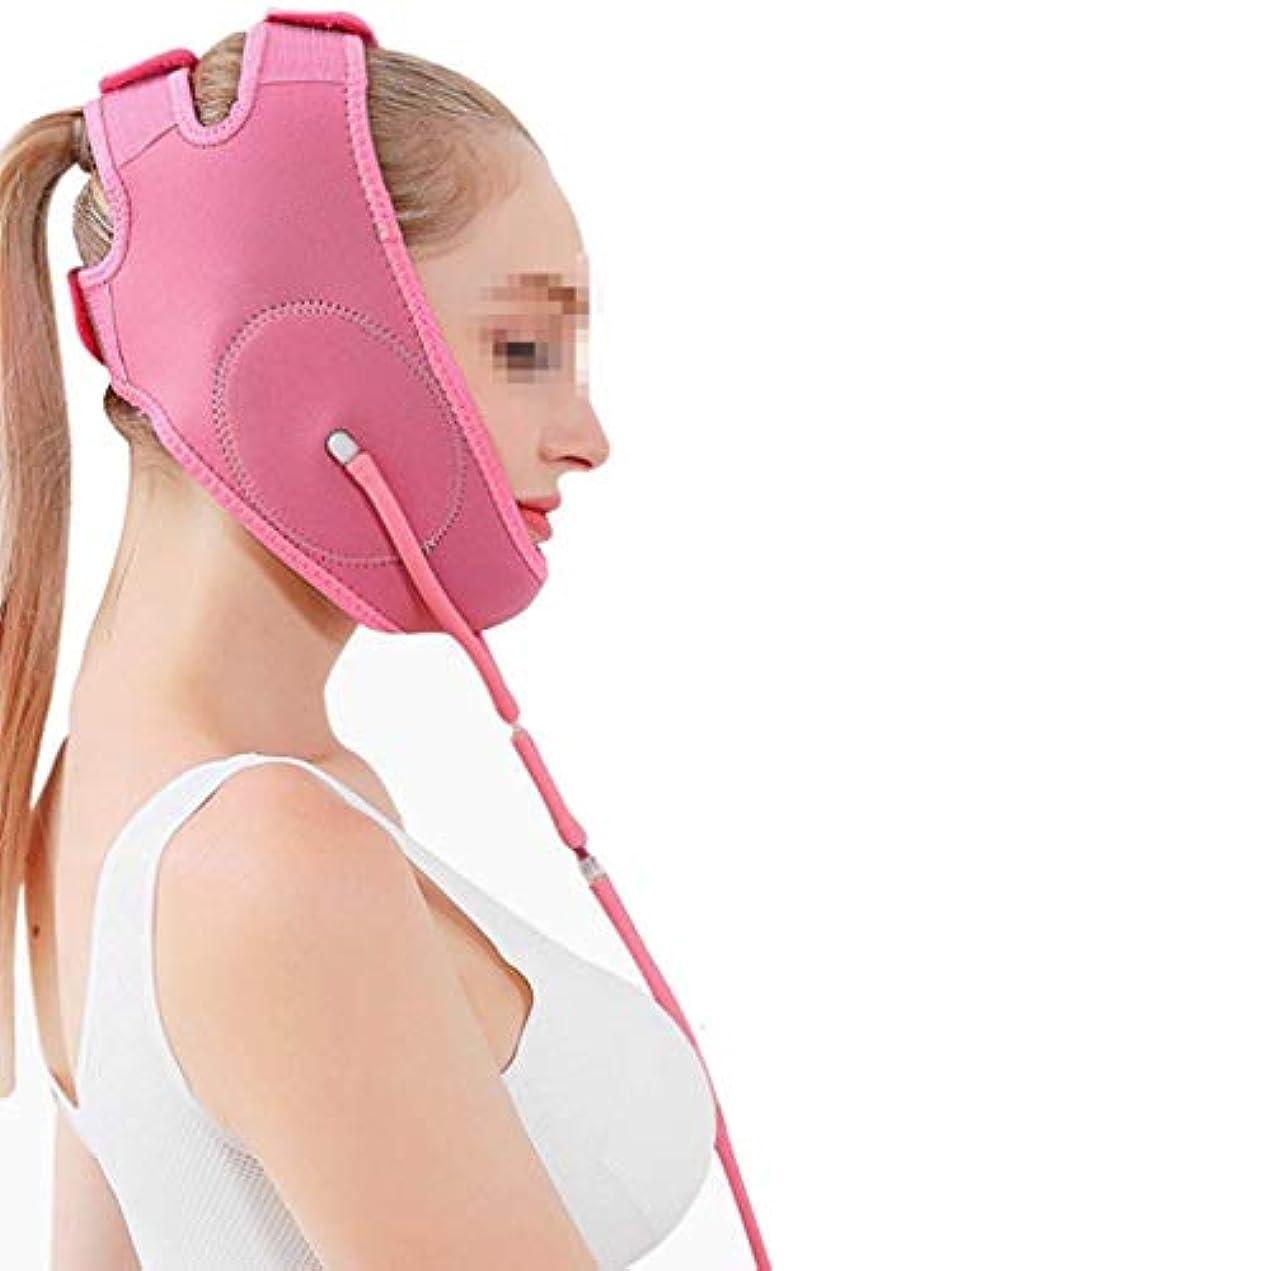 調和のとれたミュウミュウトロピカル空気圧薄型フェイスベルト、マスクスモールVフェイスプレッシャーリフティングシェイプバイトマッスルファーミングパターンダブルチンバンデージシンフェイスバンデージマルチカラーオプション(色:ピンク)